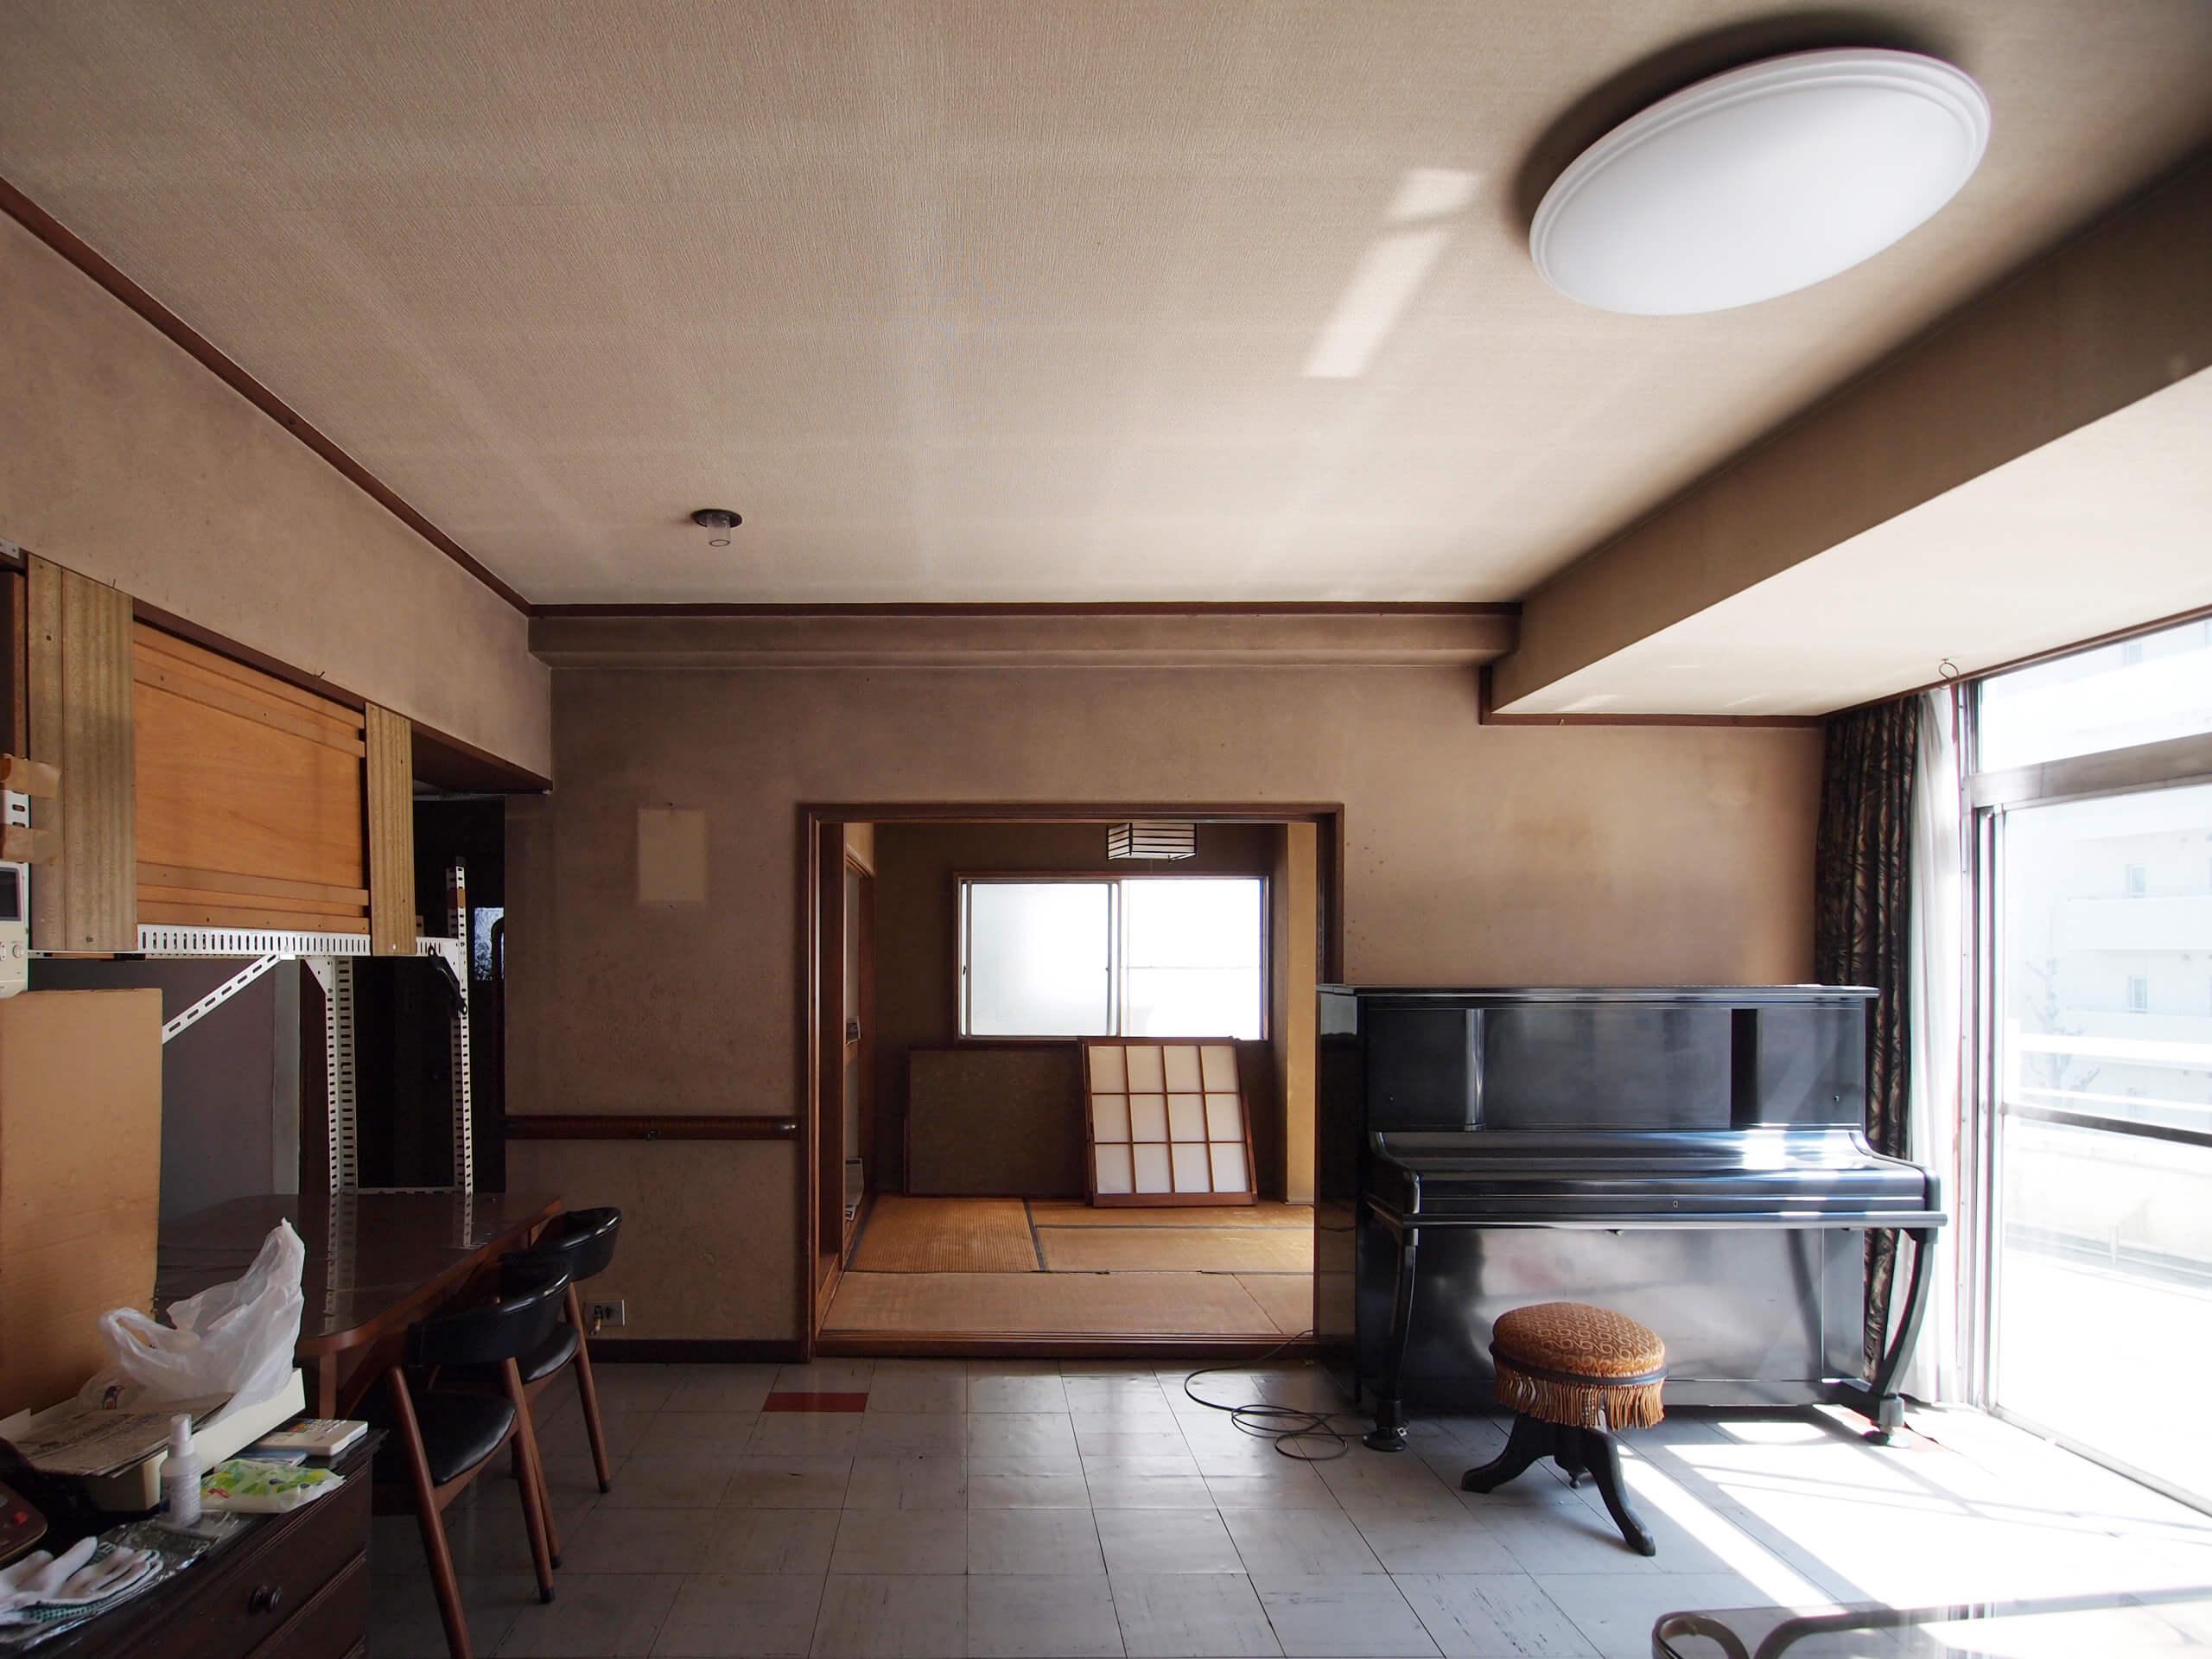 【3階】間仕切り壁は解体できるので和室までひとつながりの空間にできる